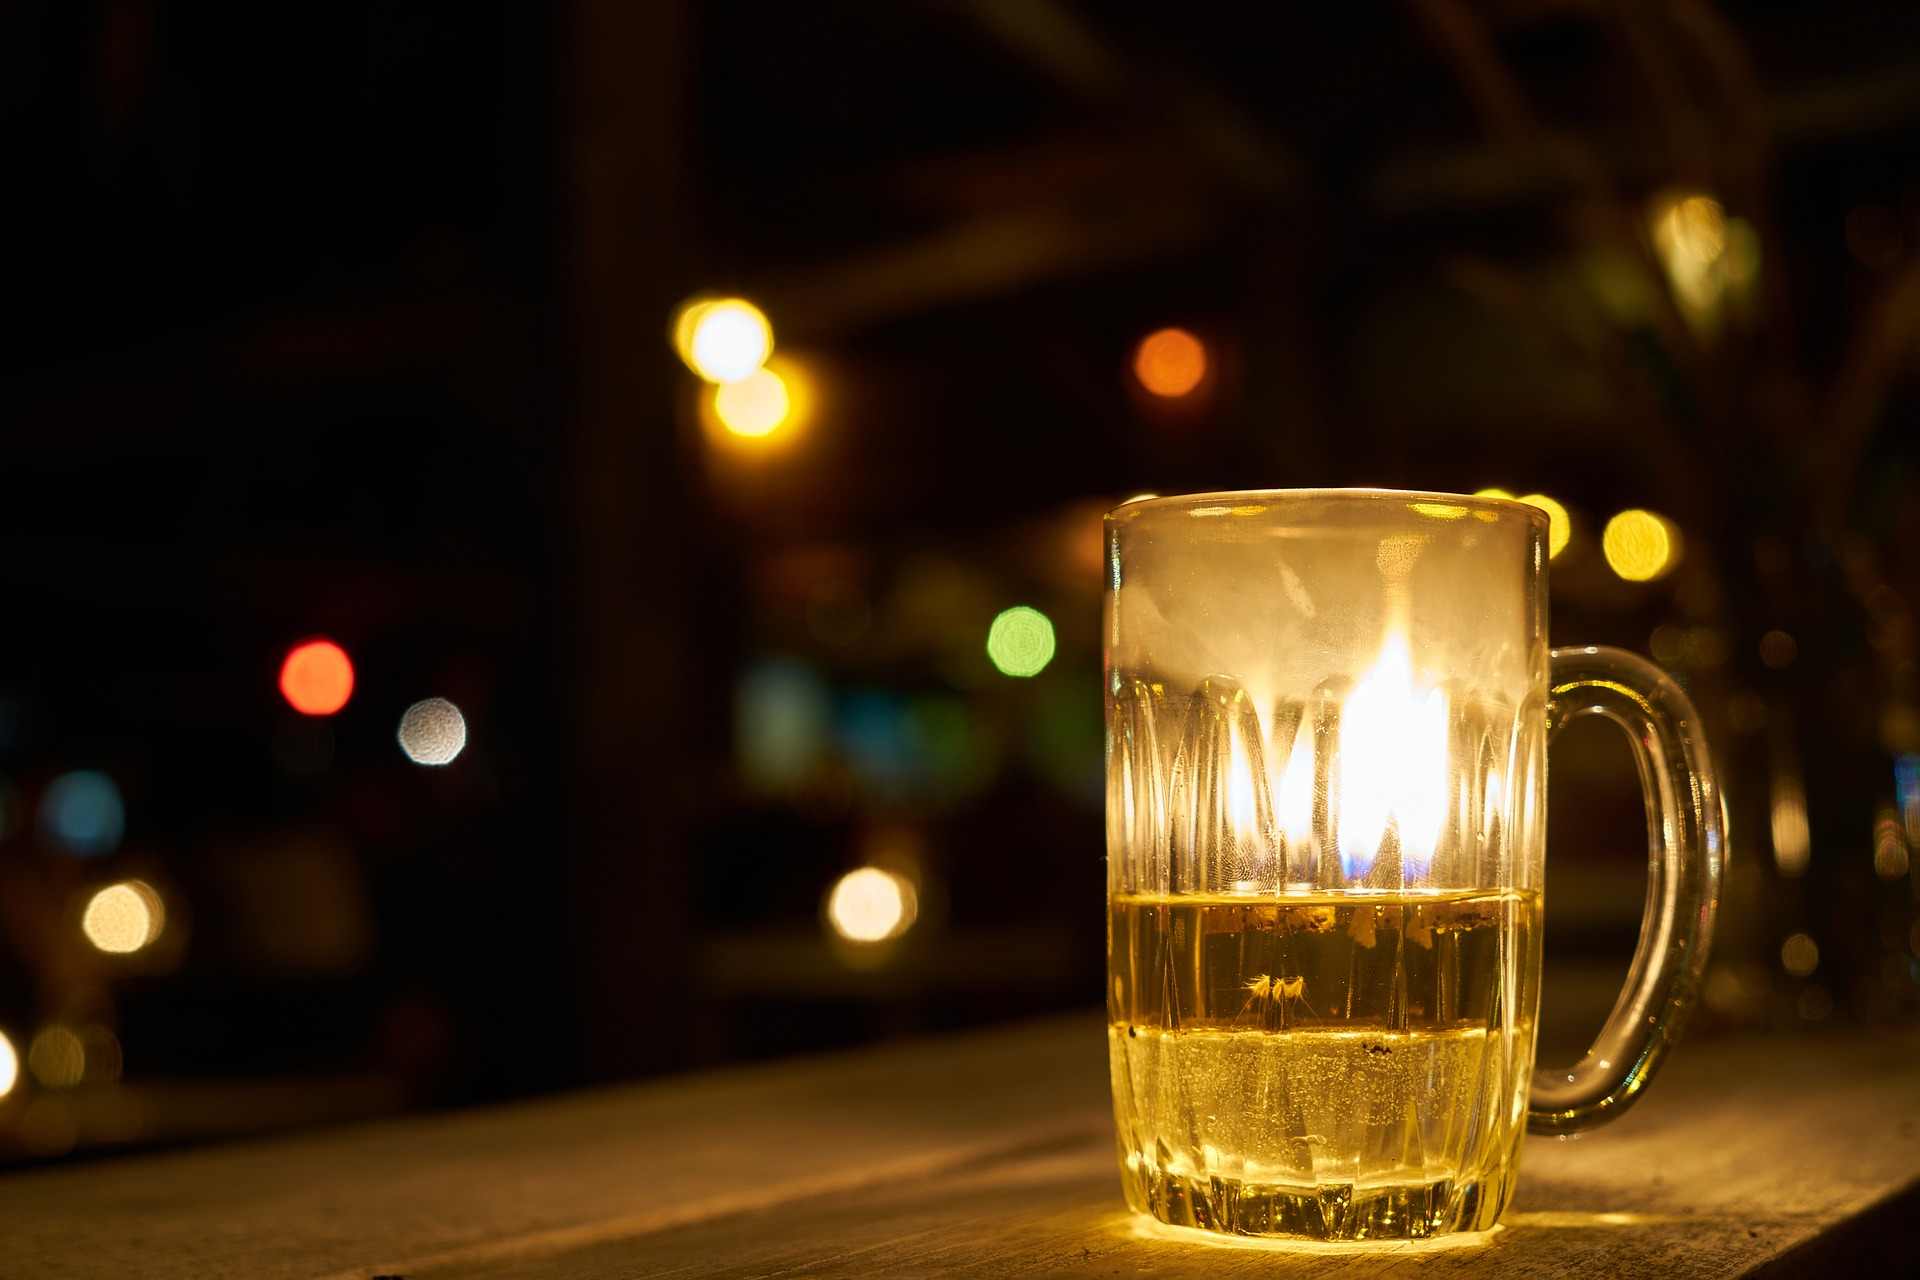 Una recaída en adicciones es un fenómeno común durante un proceso de rehabilitación de conductas adictivas.